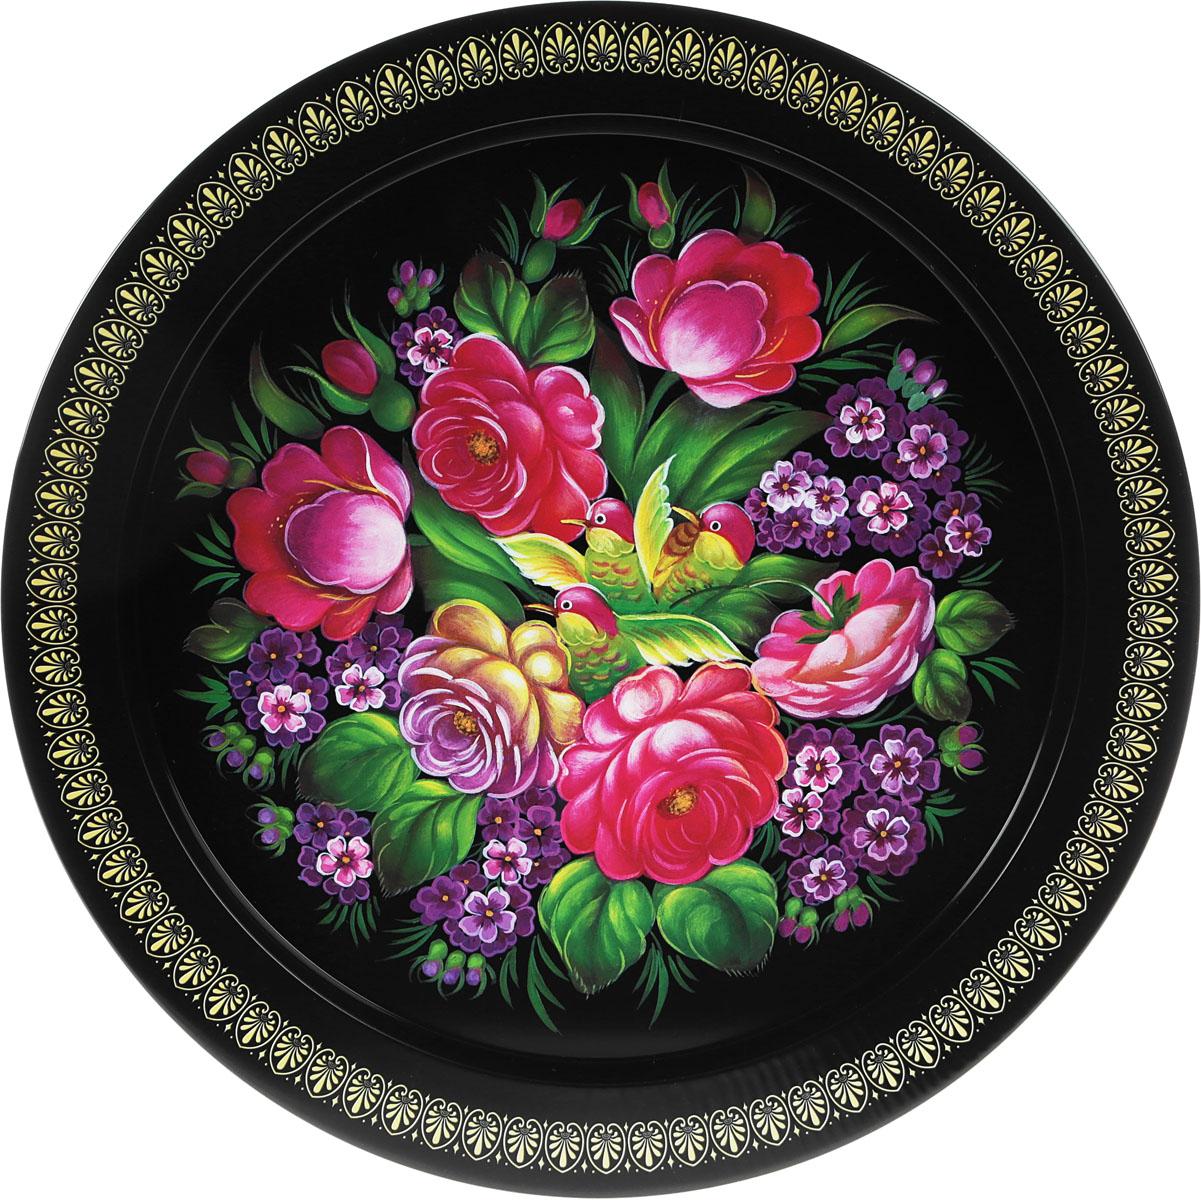 Поднос Рязанская фабрика жестяной упаковки Микс, диаметр 37,9 см цвет: черный, цветы, птицы1528401_черный, цветы, птицы